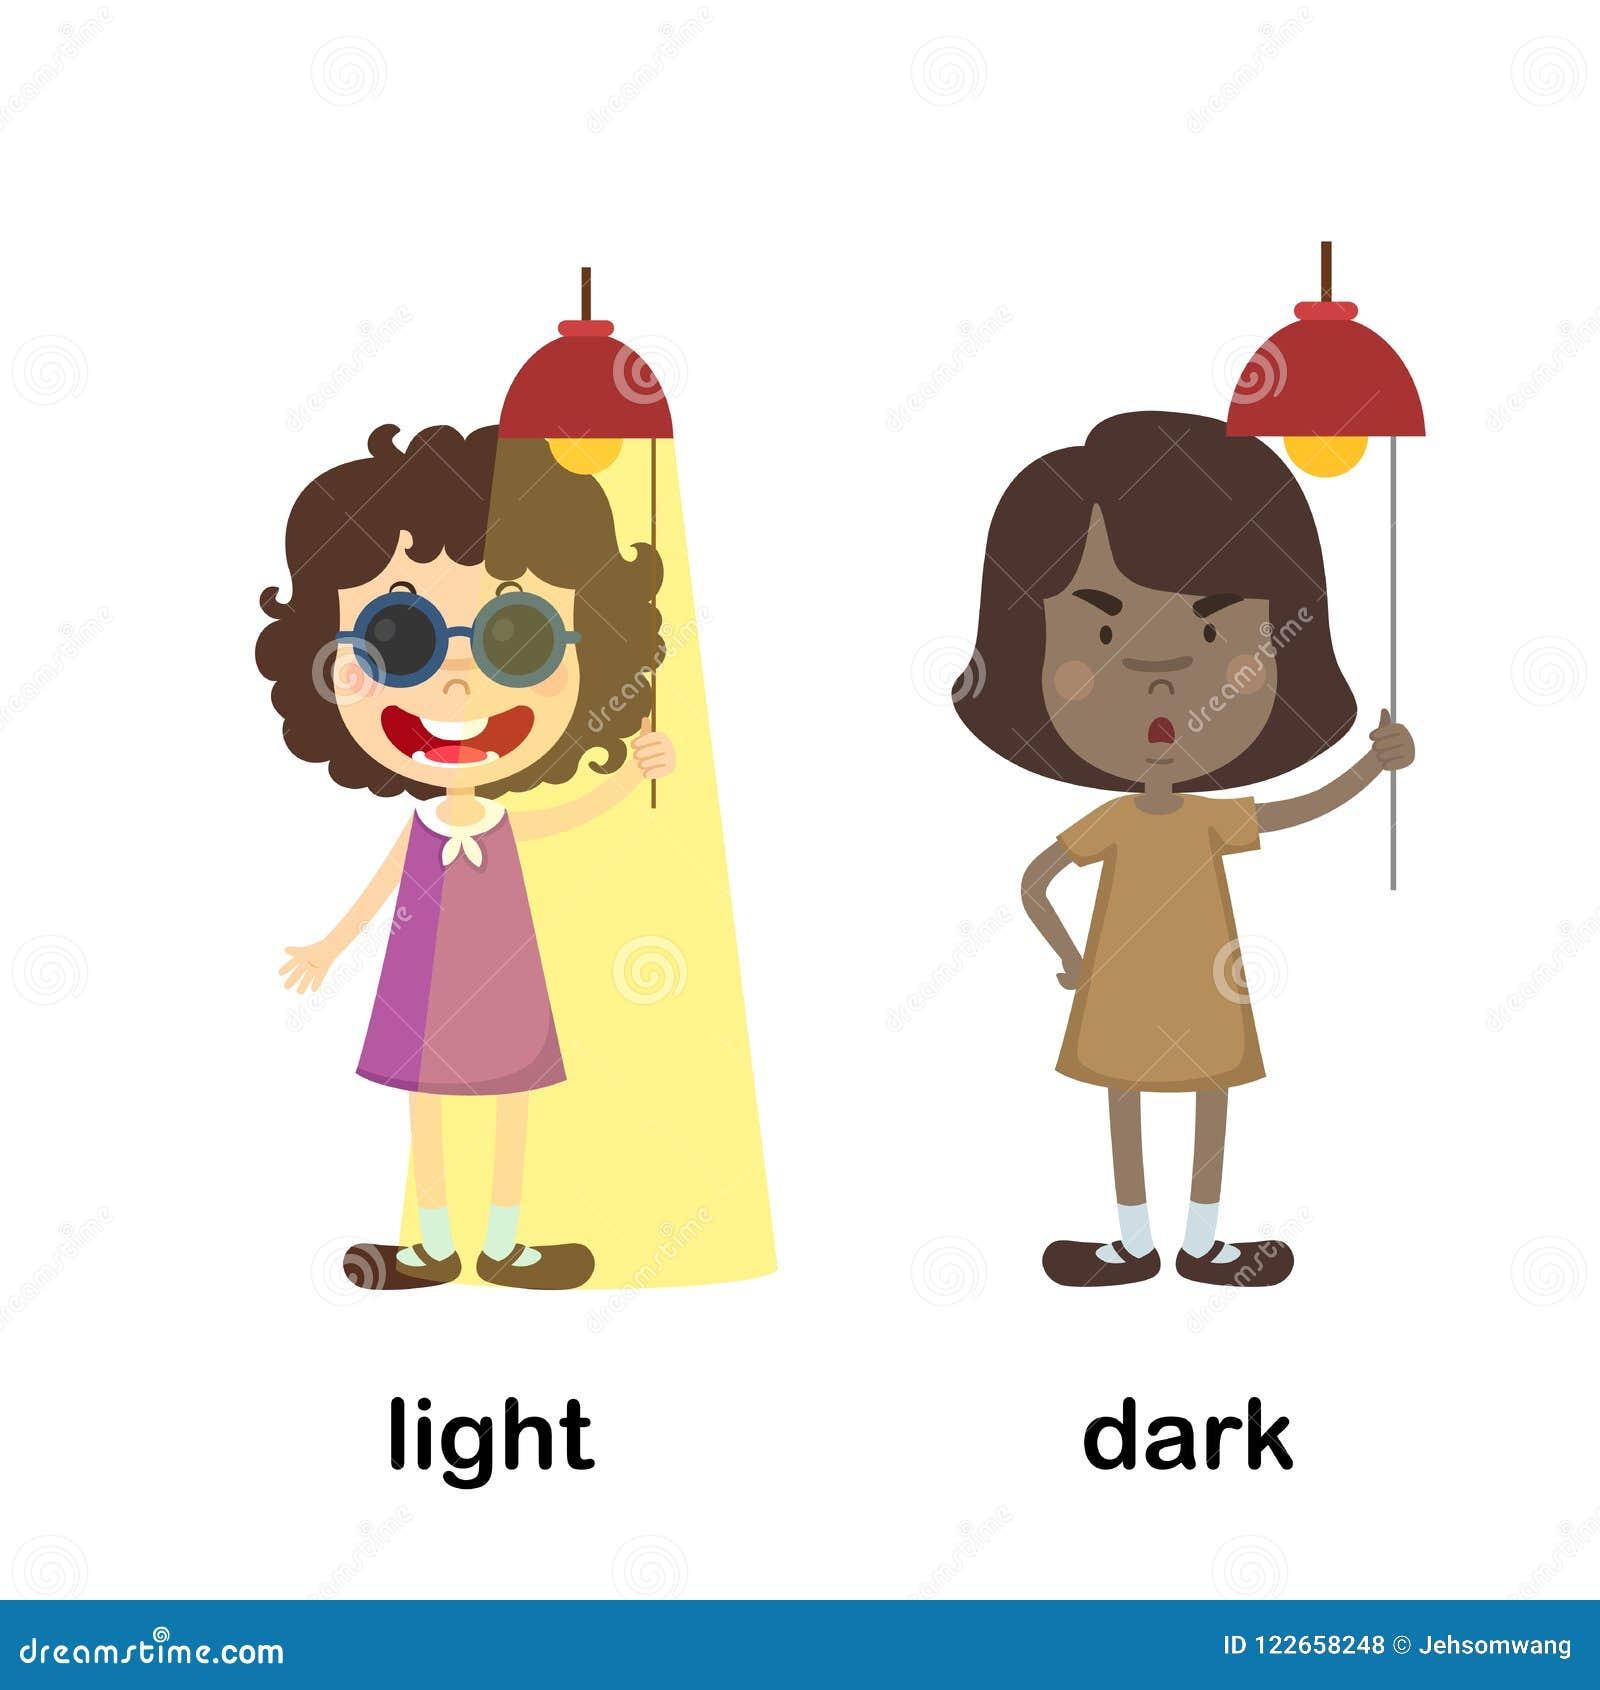 Luz y oscuridad opuestas